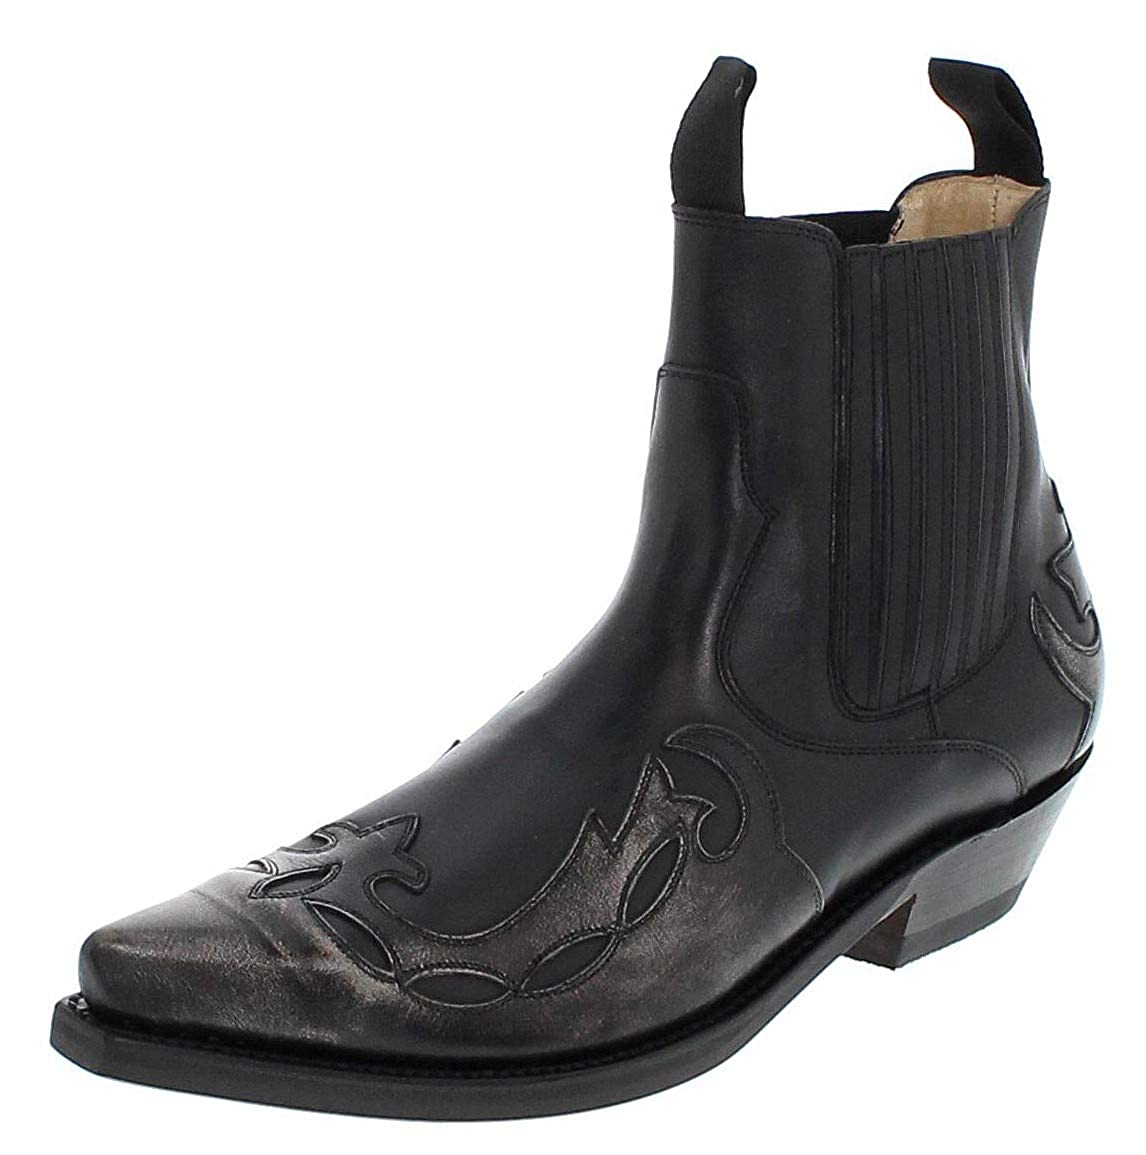 Mayura Boots, Stivali uomo, nero (Negro Bone), 42 EU: Amazon